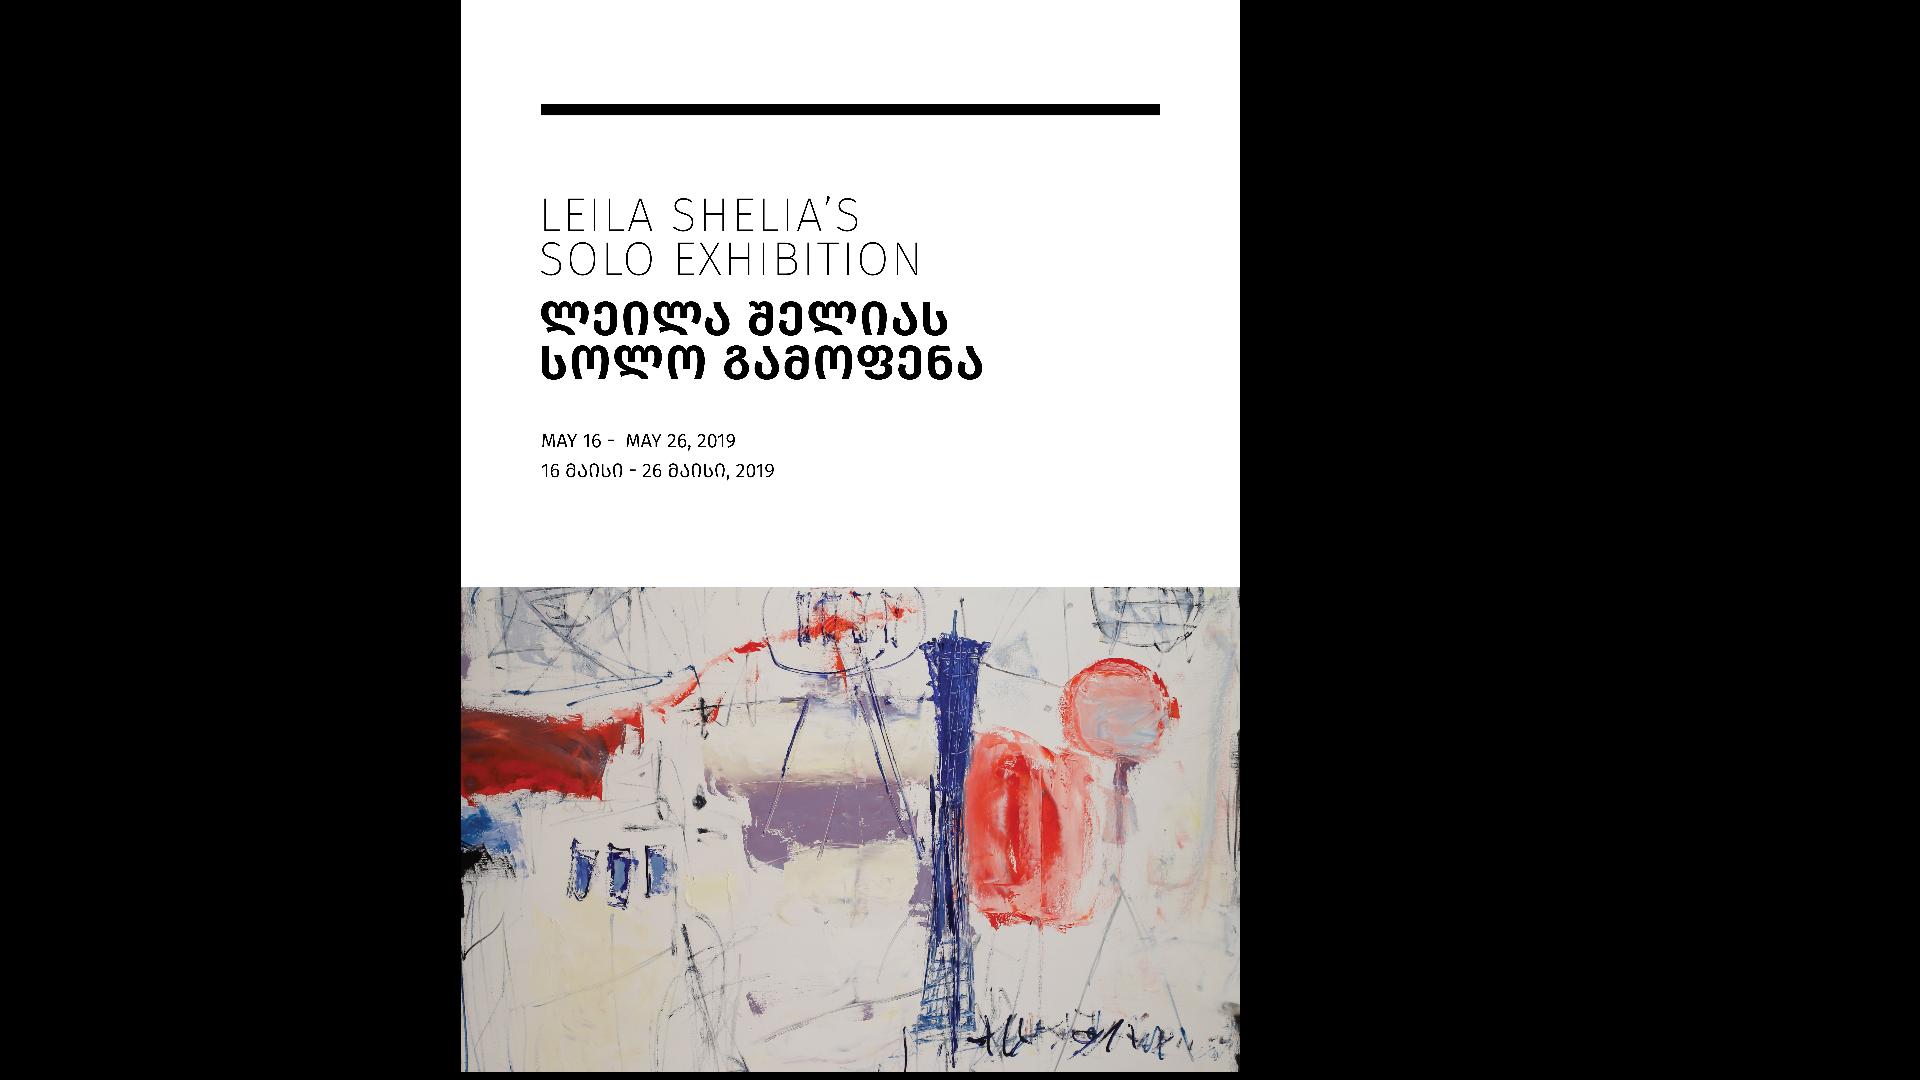 ლეილა შელიას სოლო გამოფენა - Leila Shelia's Solo Exhibition